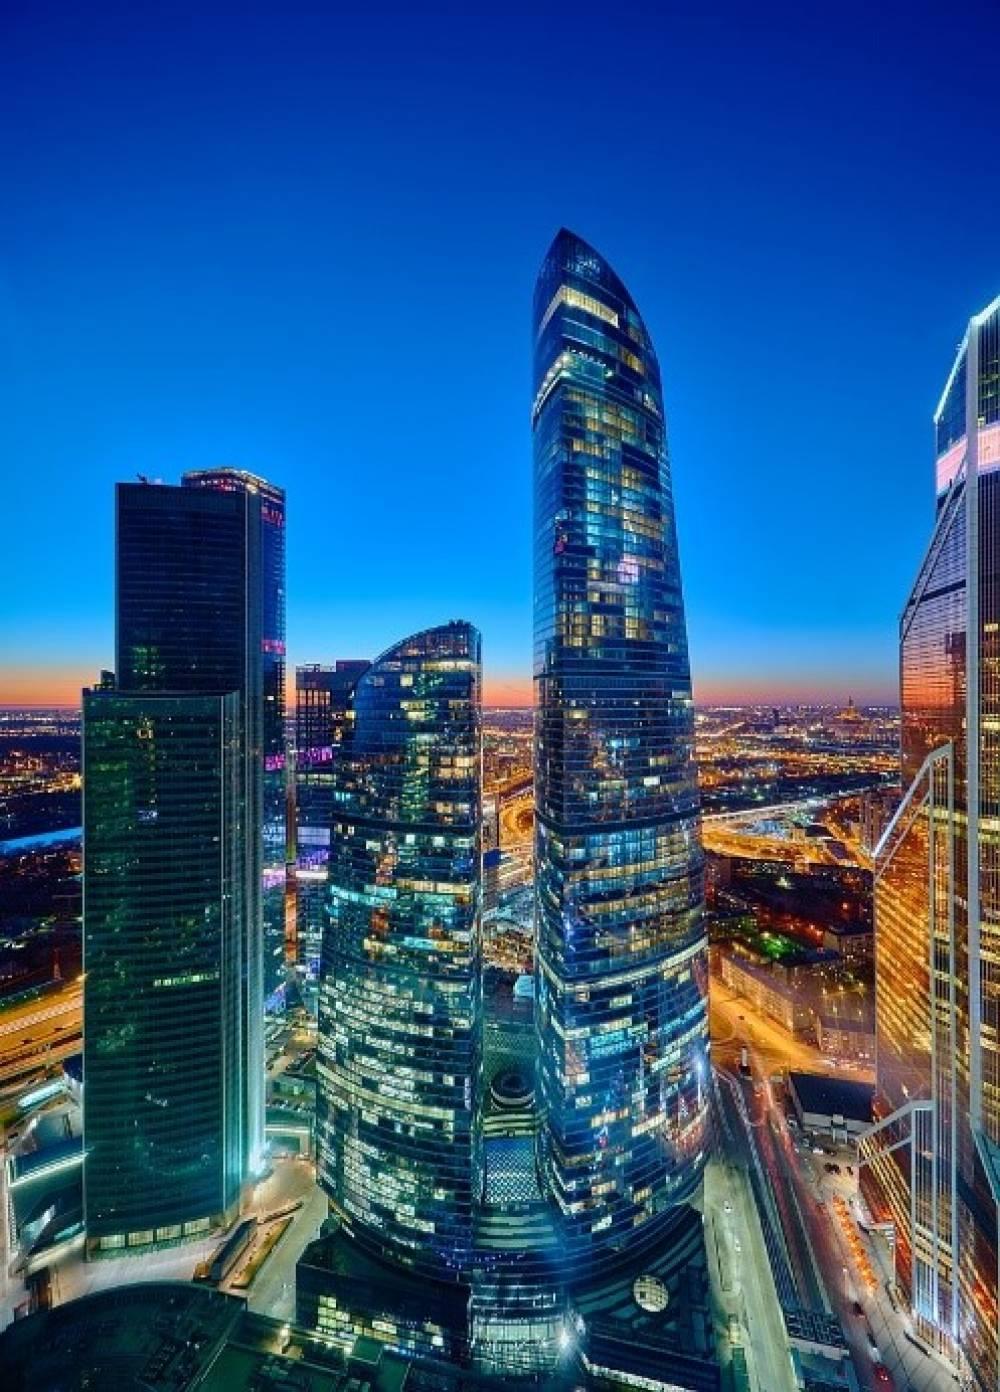 СМИС СМИК СУКС Мачта панорамных лифтов комплекса «Федерация»